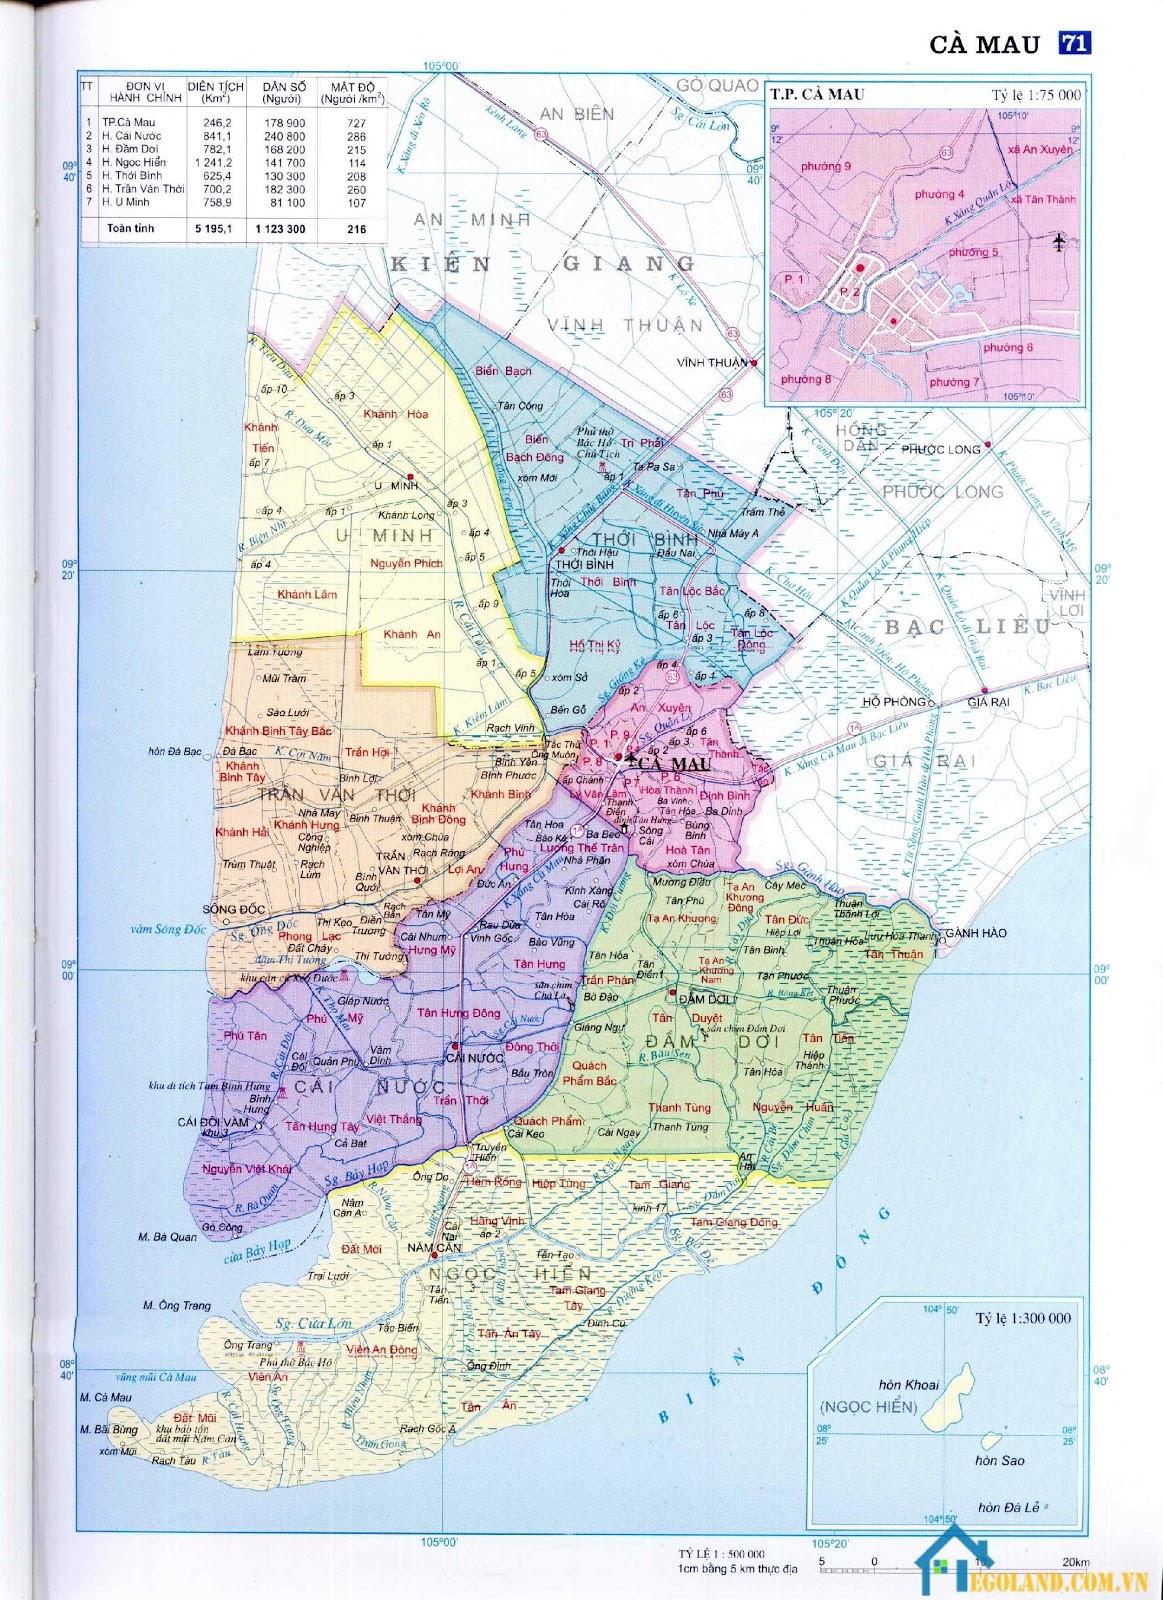 Bản đồ Cà Mau